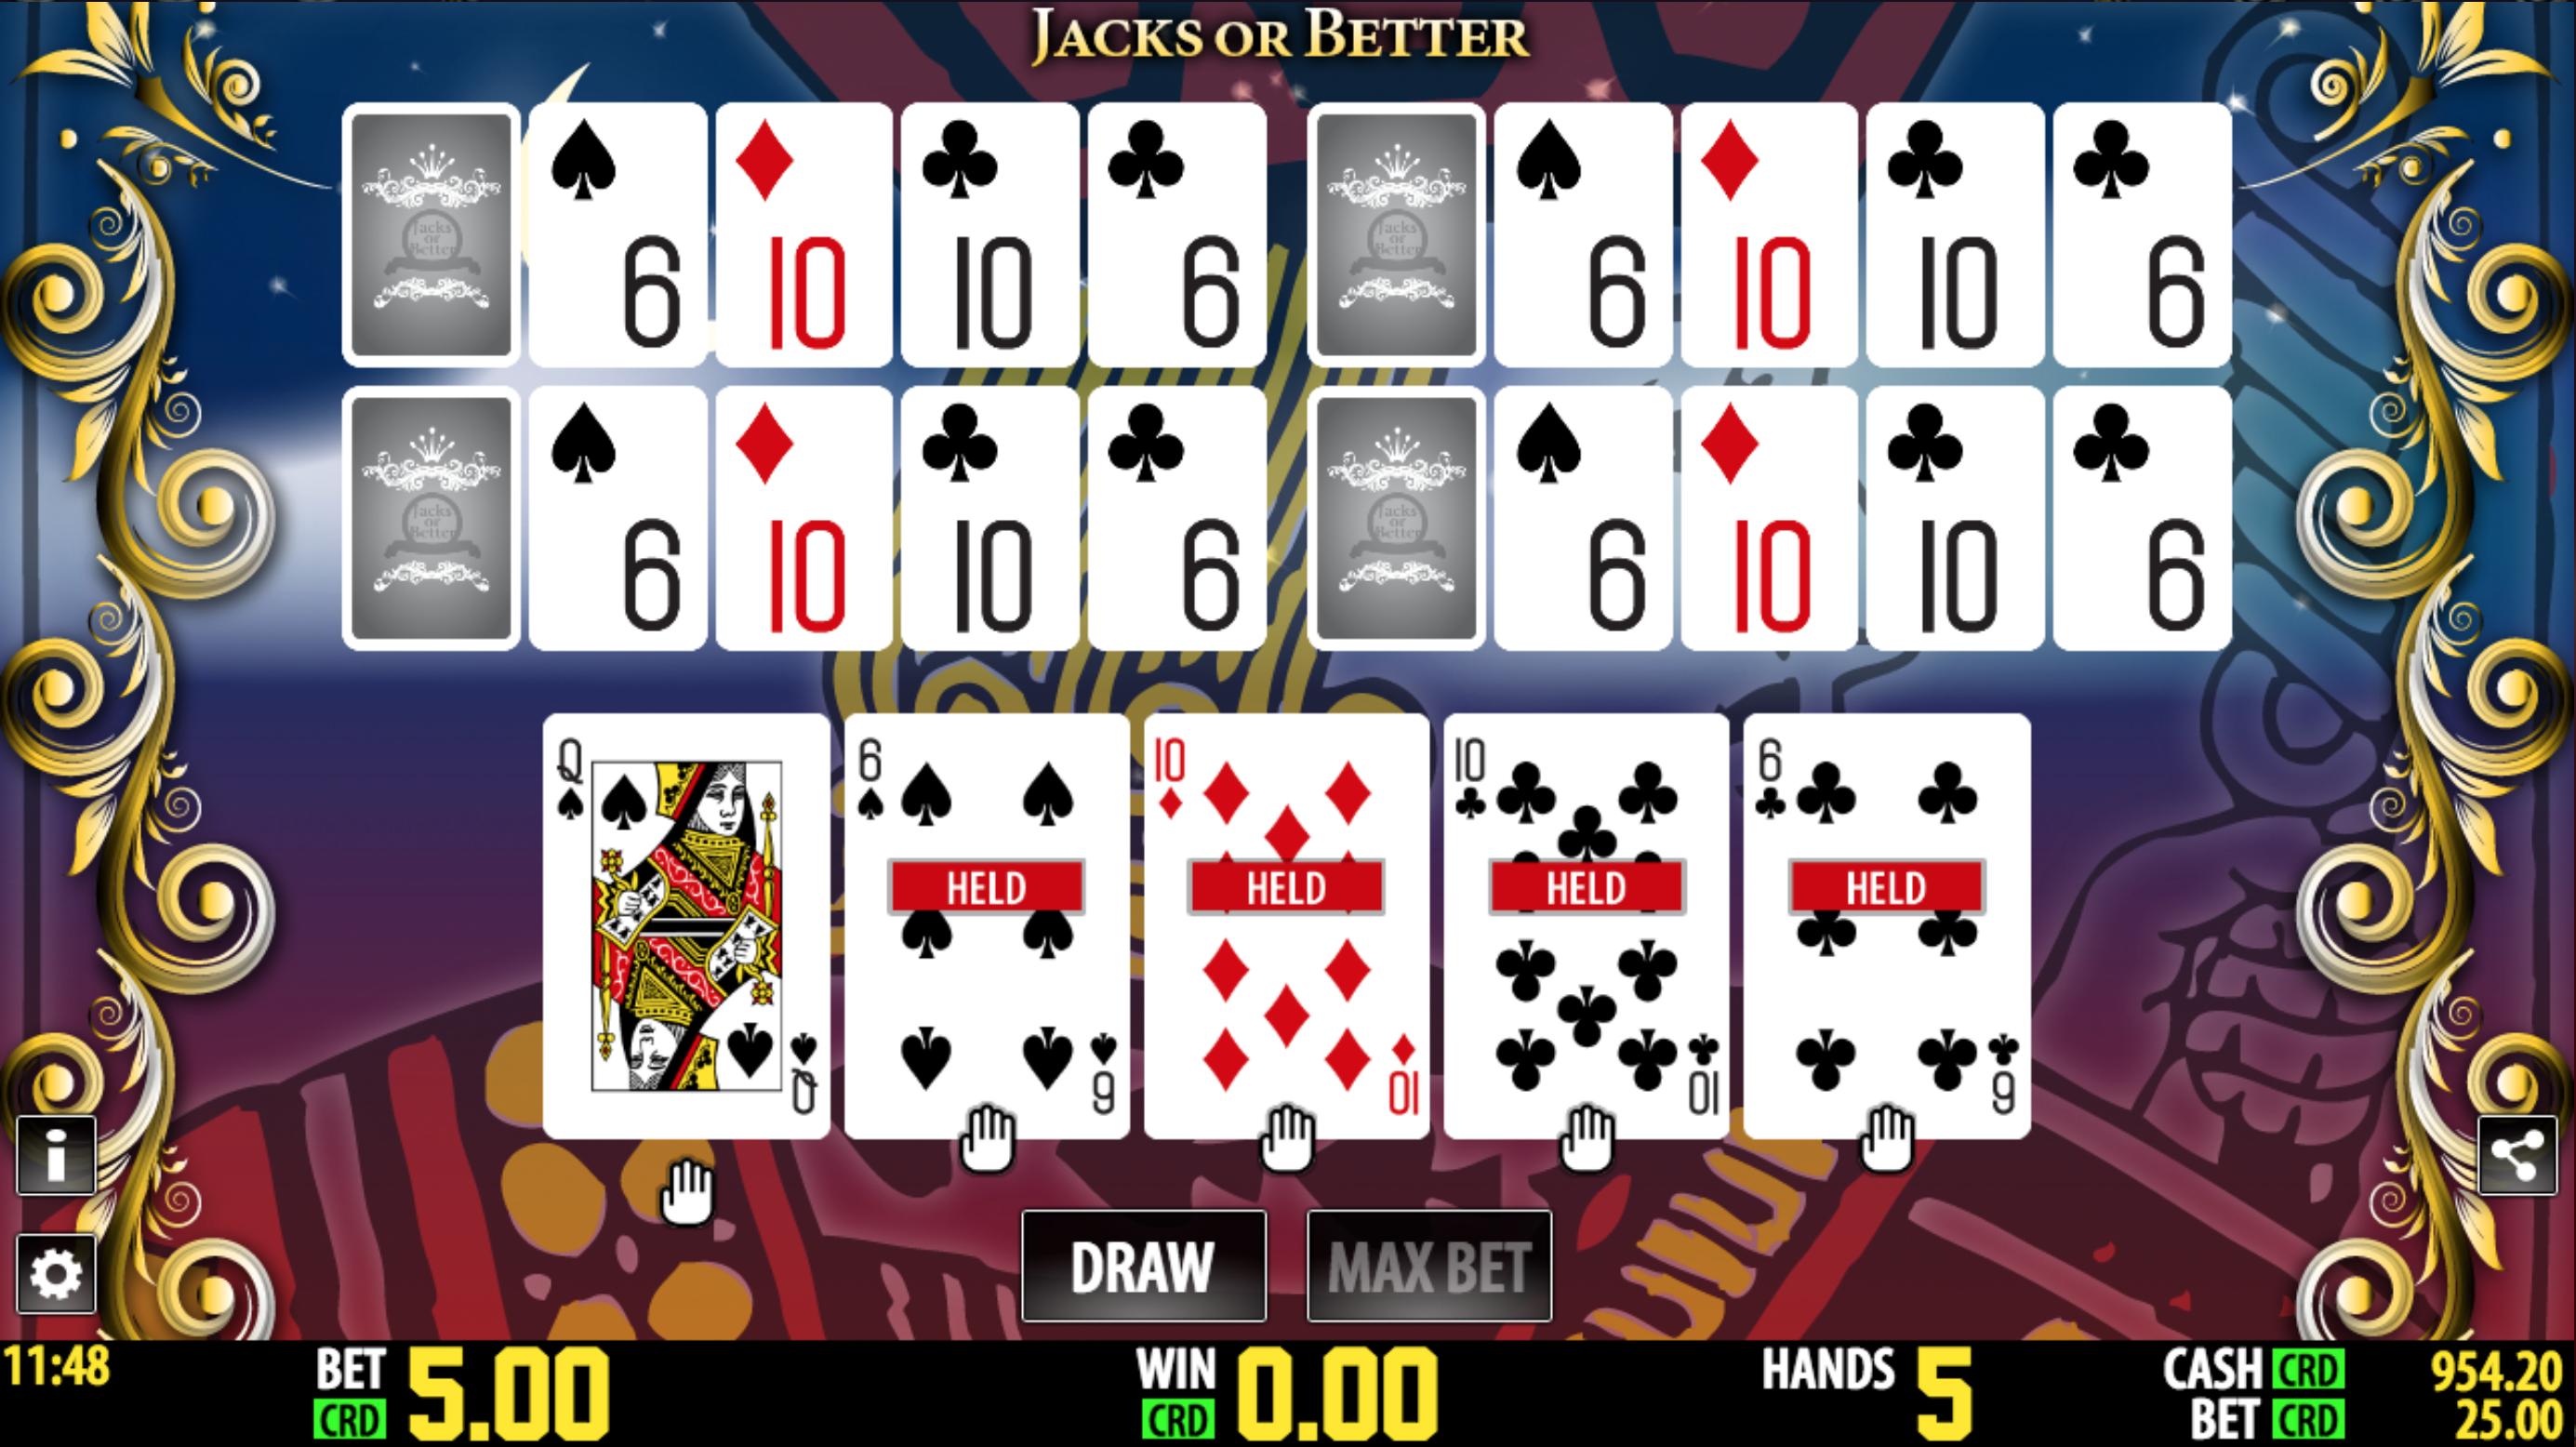 Jacks or better_video pokerio žaidimo taisyklės